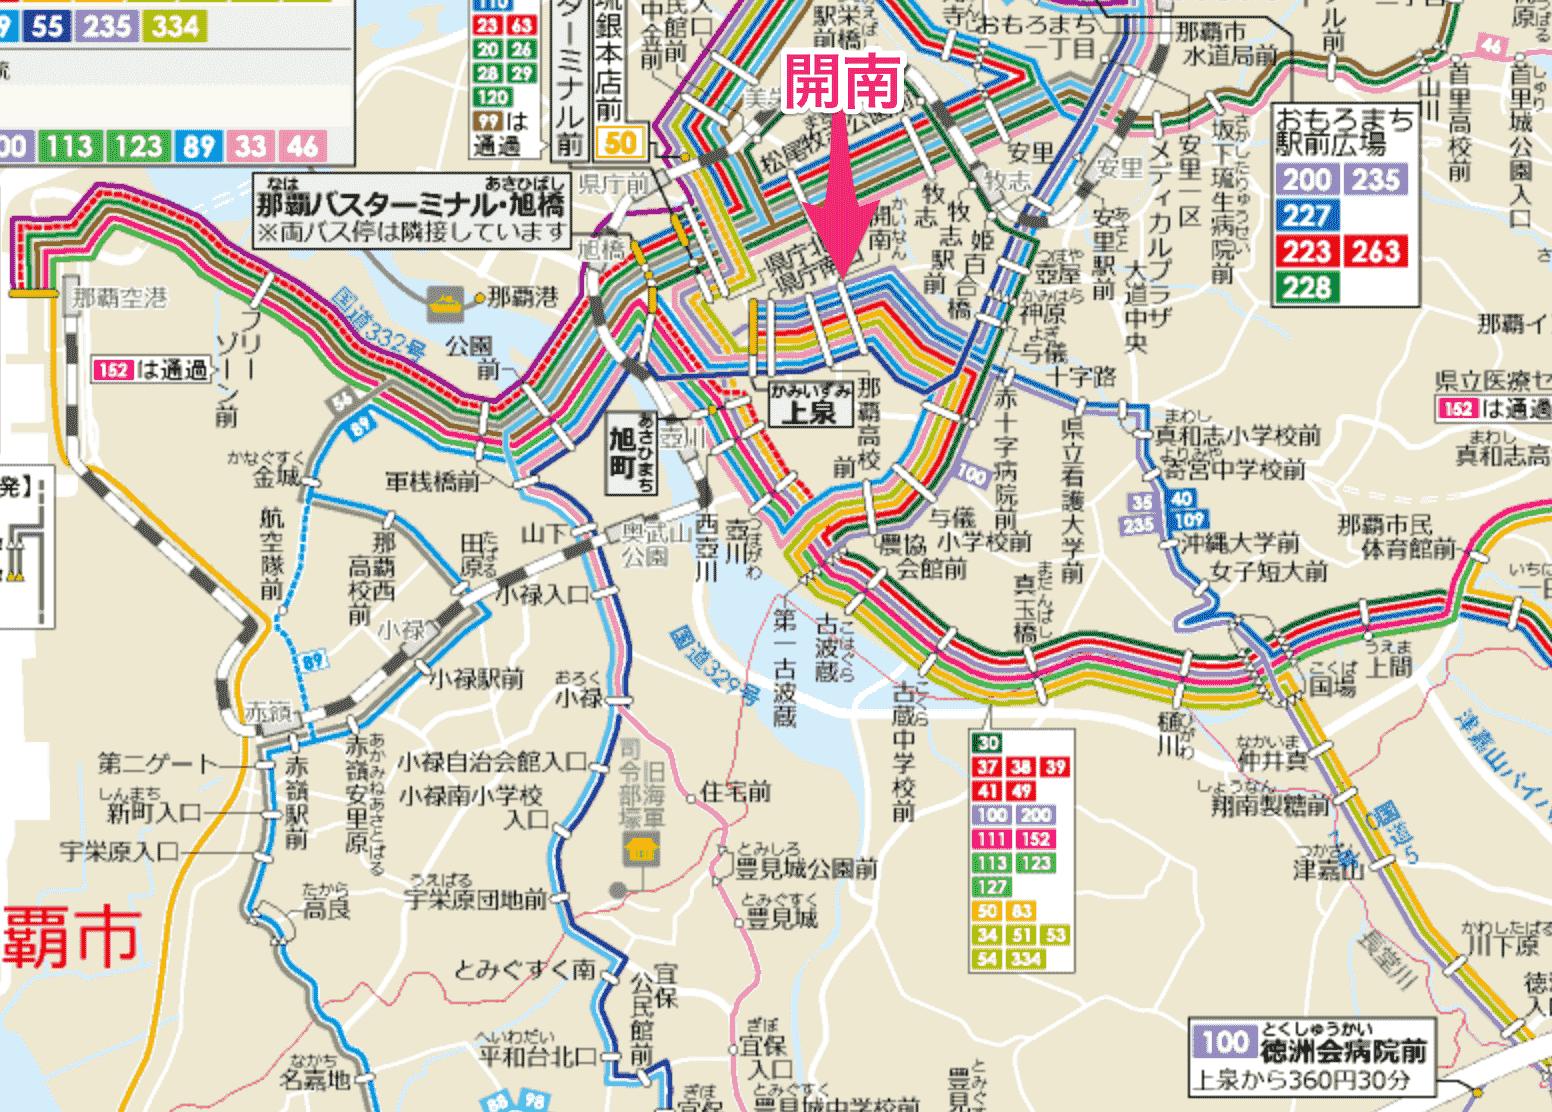 20160923-busmap-1